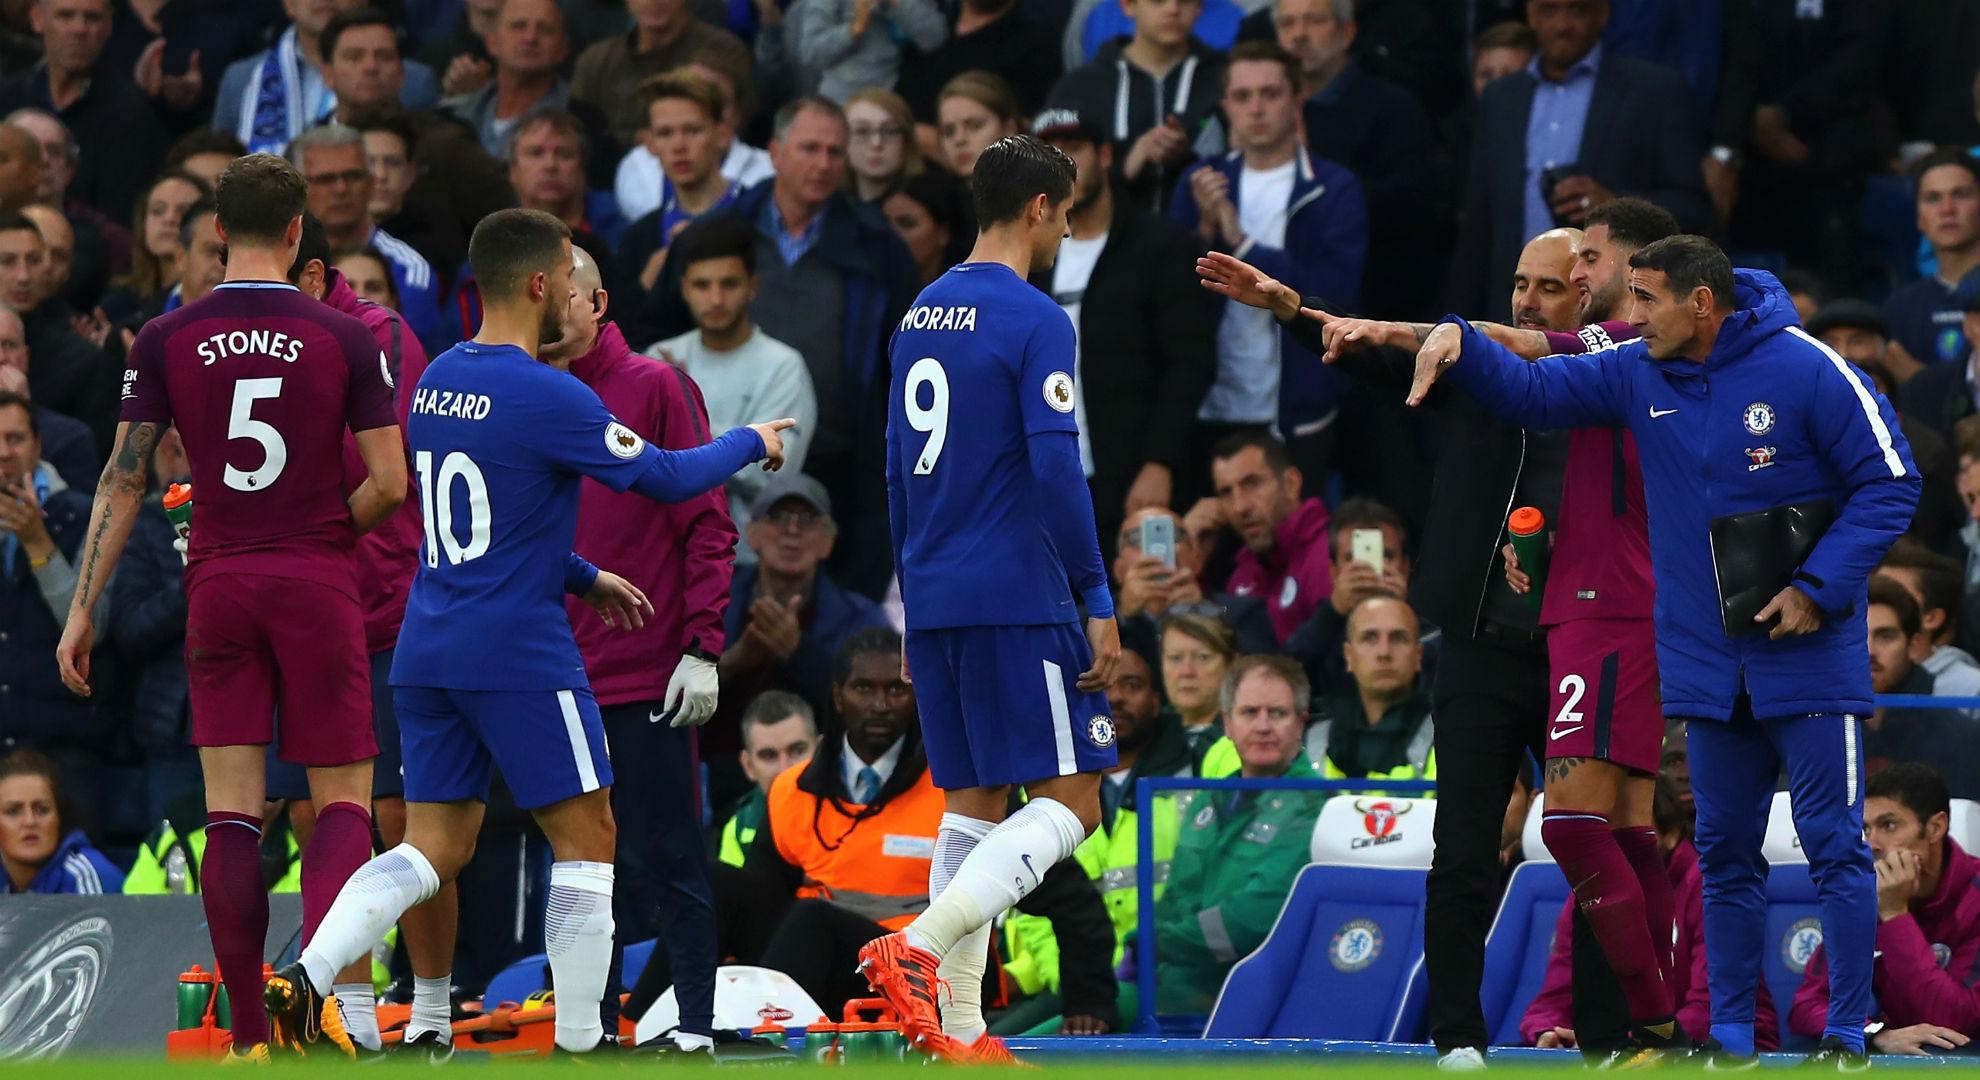 La sfida più affascinante del weekend? Chelsea vs Man. City